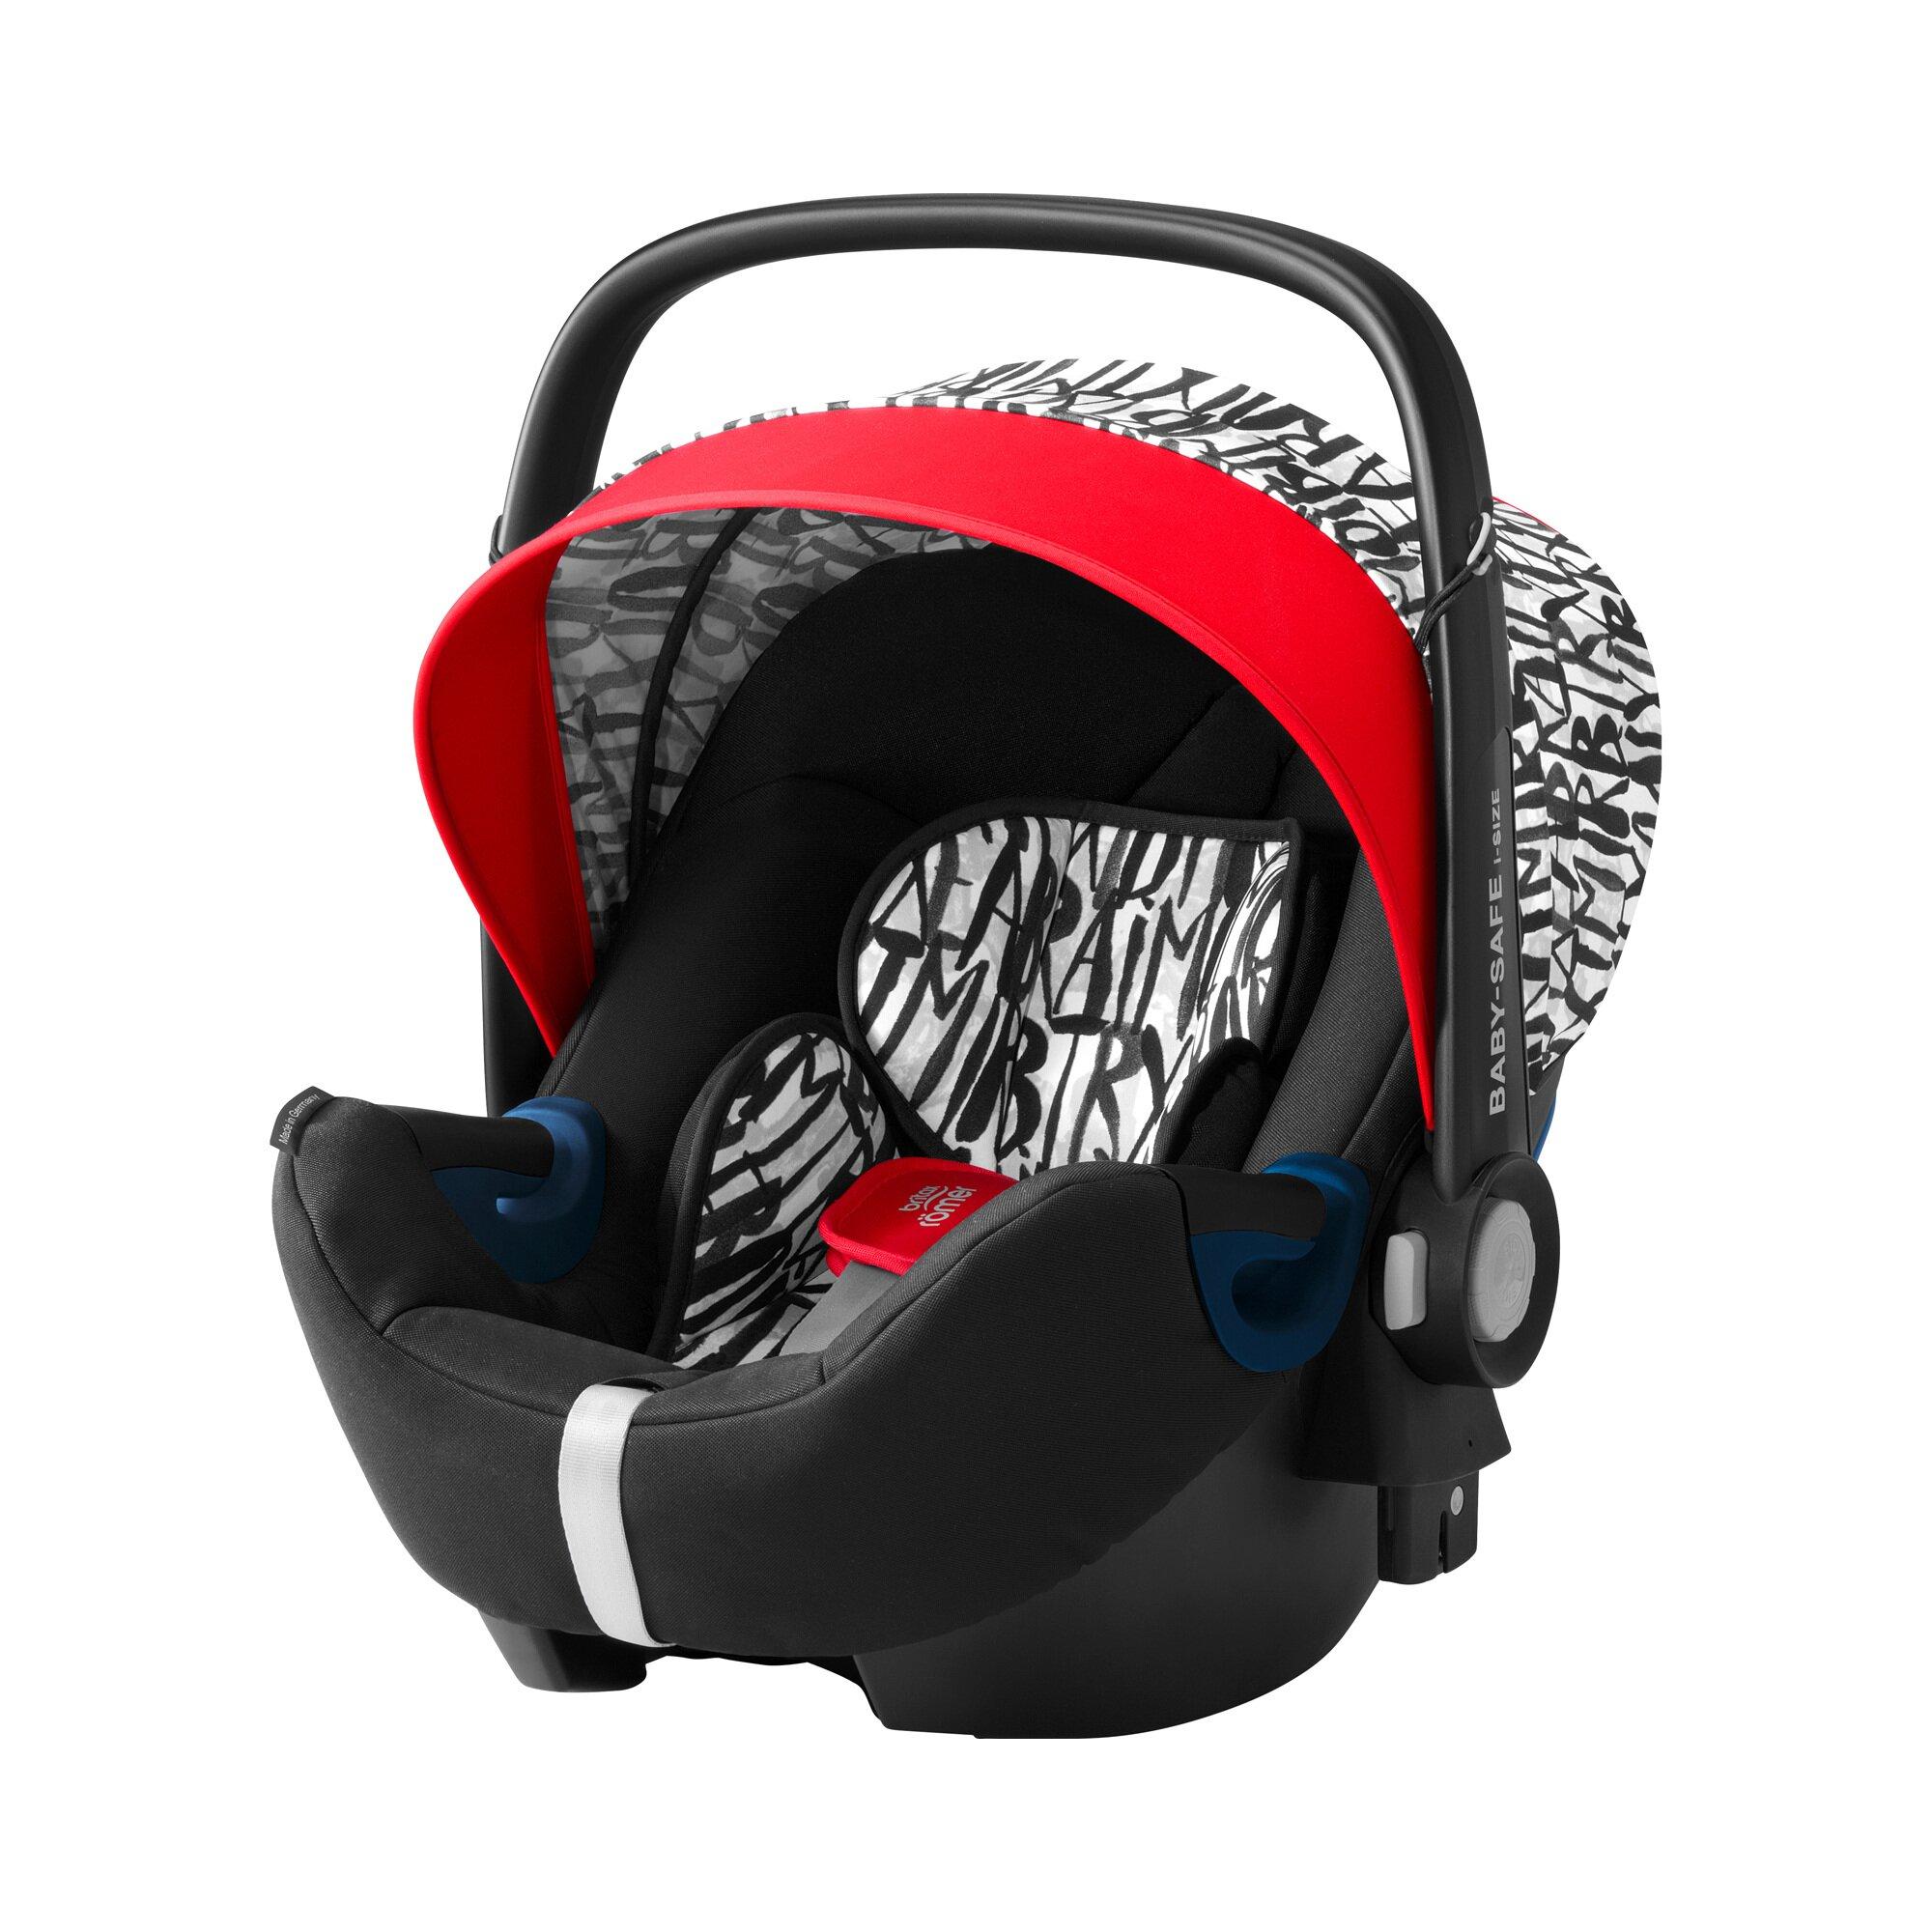 premium-baby-safe-i-size-babyschale-mit-isofix-base-flex-base-schwarz